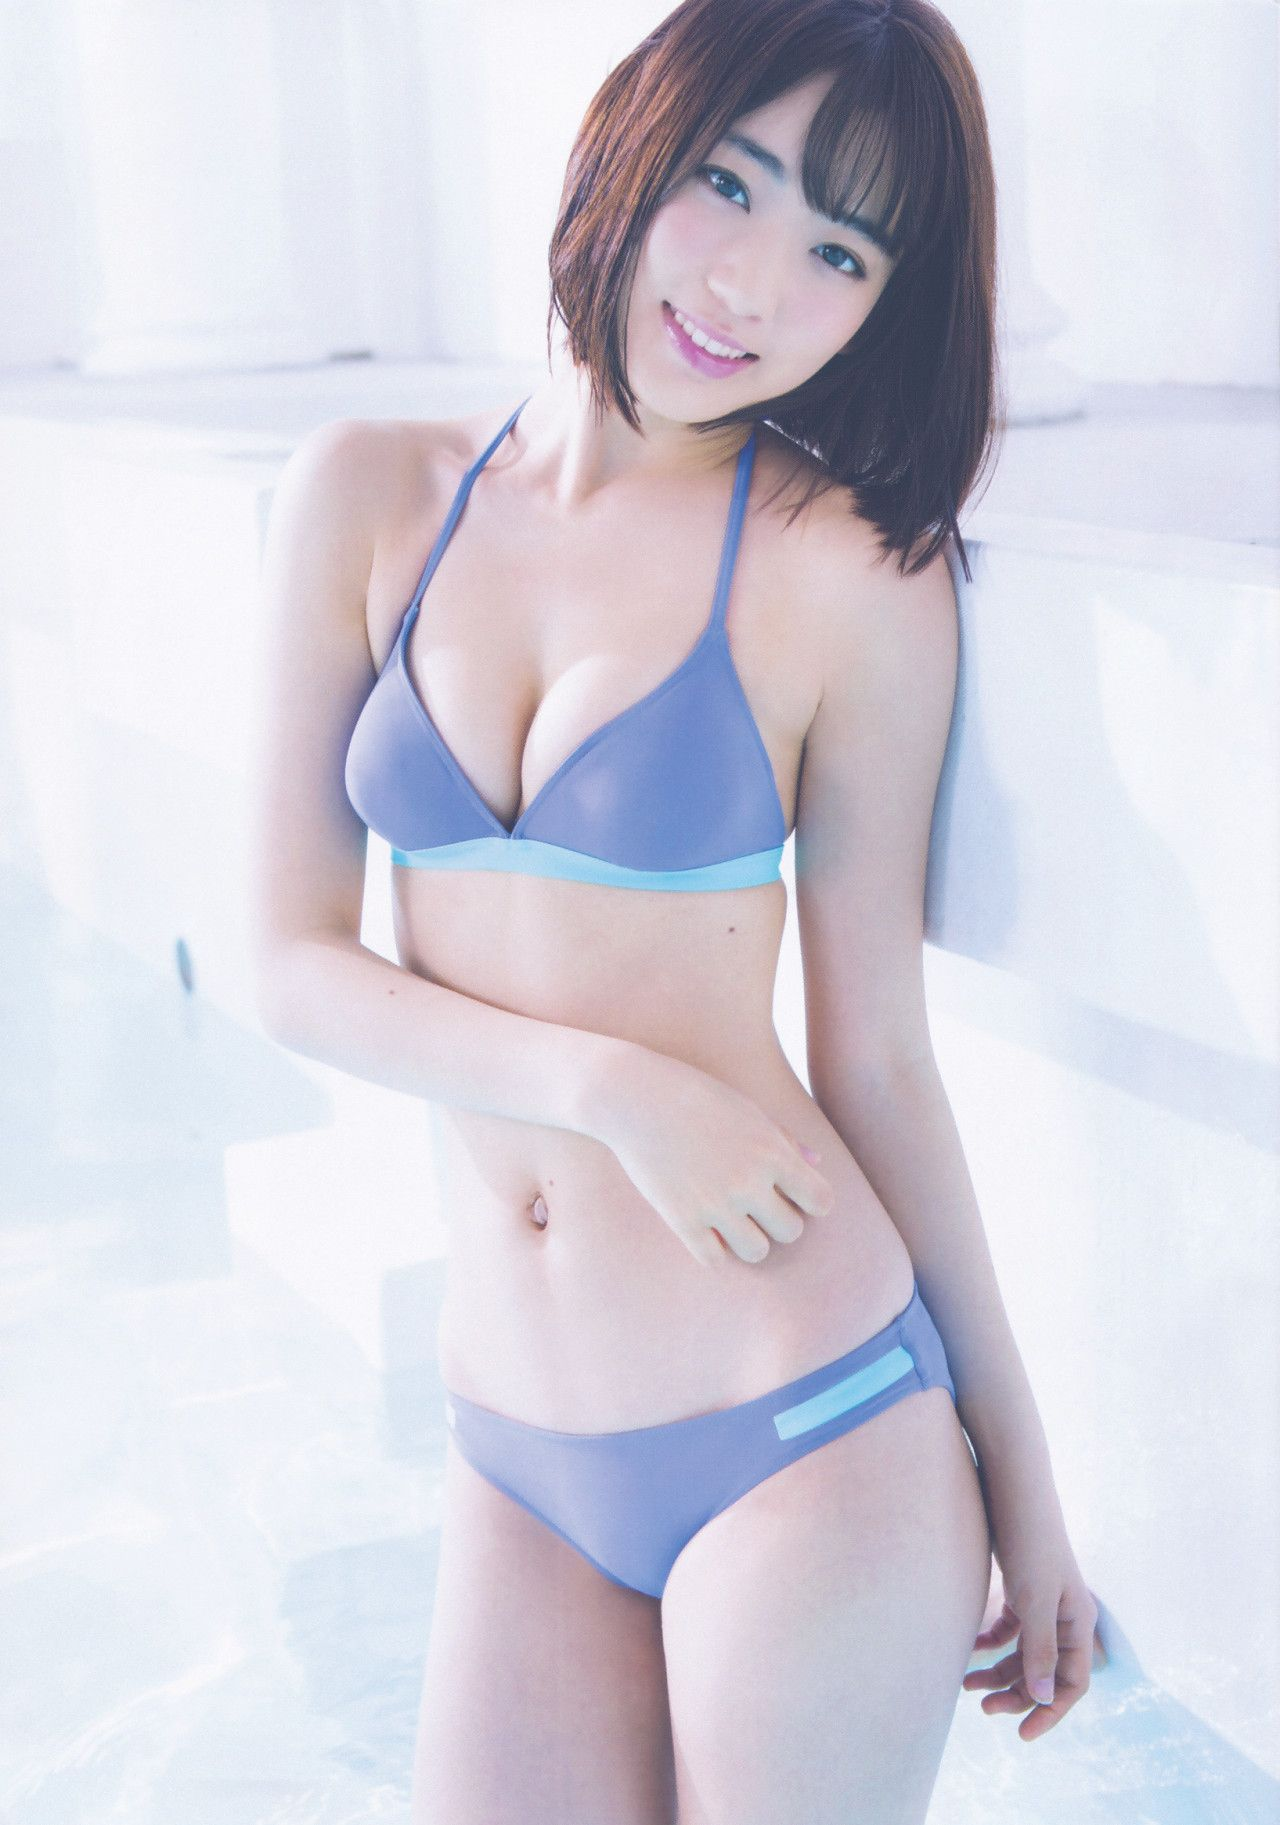 恋のから騒ぎ 大矢恵の流出画像: 恋の ...